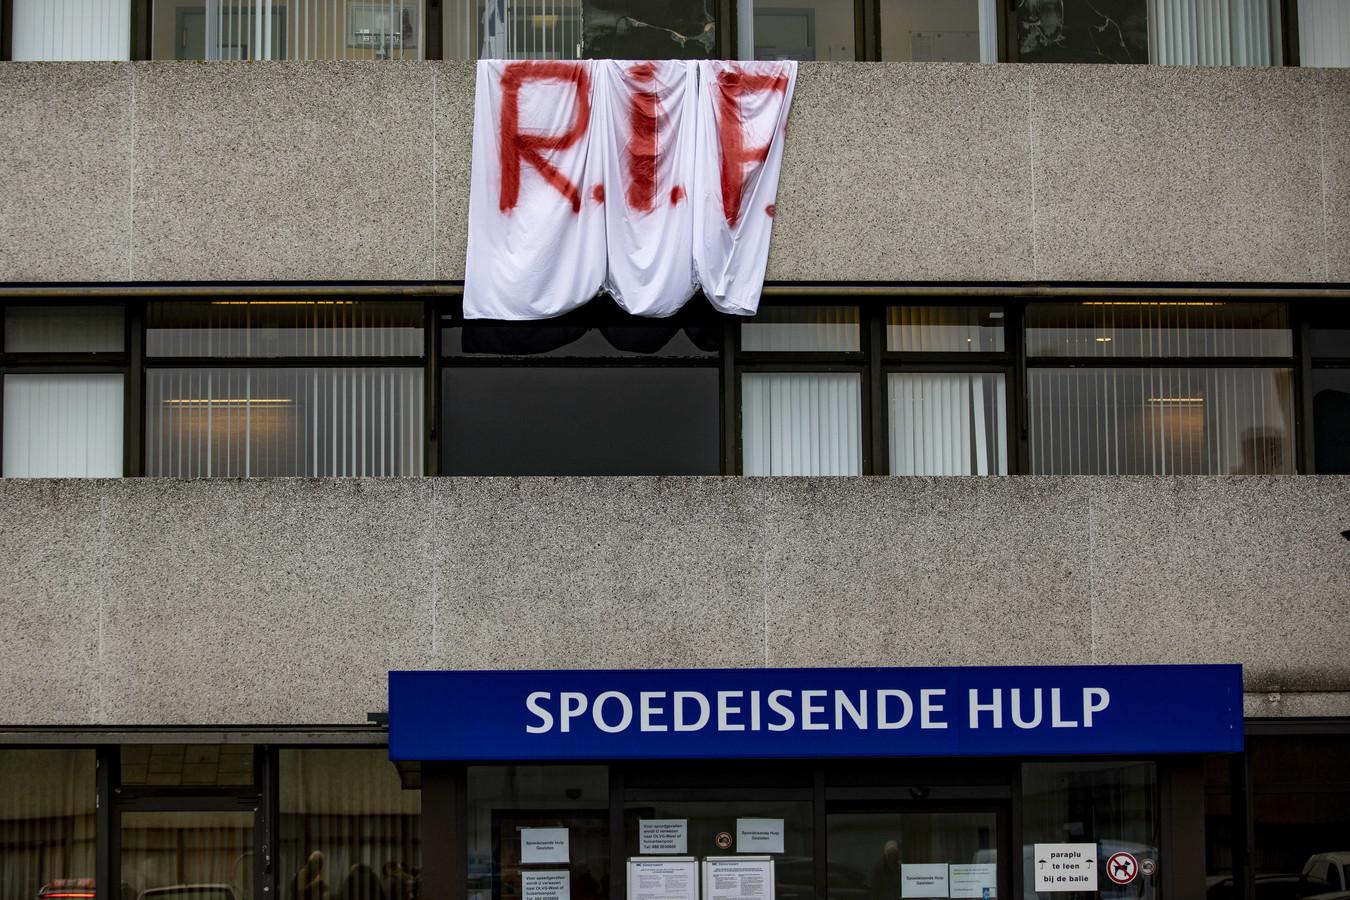 Aan de gevel van het ziekenhuis hangt een spandoek. Rest In Peace.